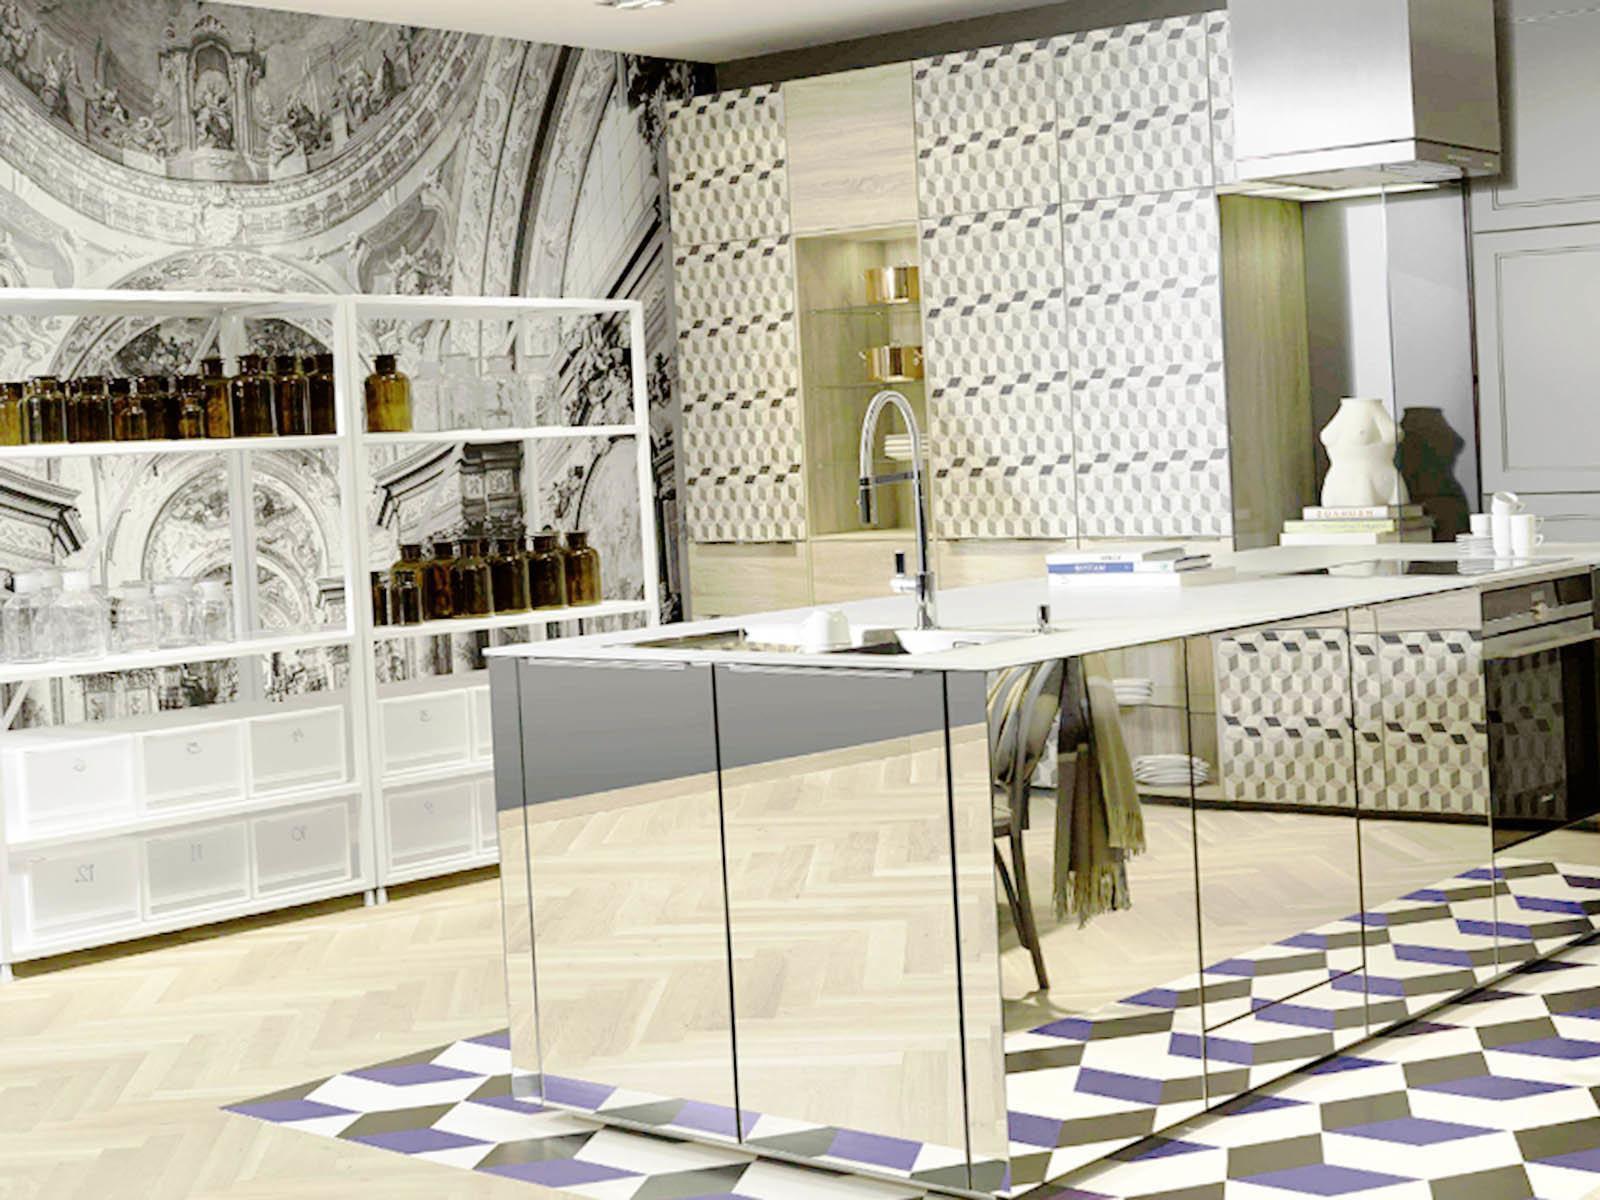 Добавляем в интерьер стандартный кухонный интерьер остров с зеркальной поверхностью